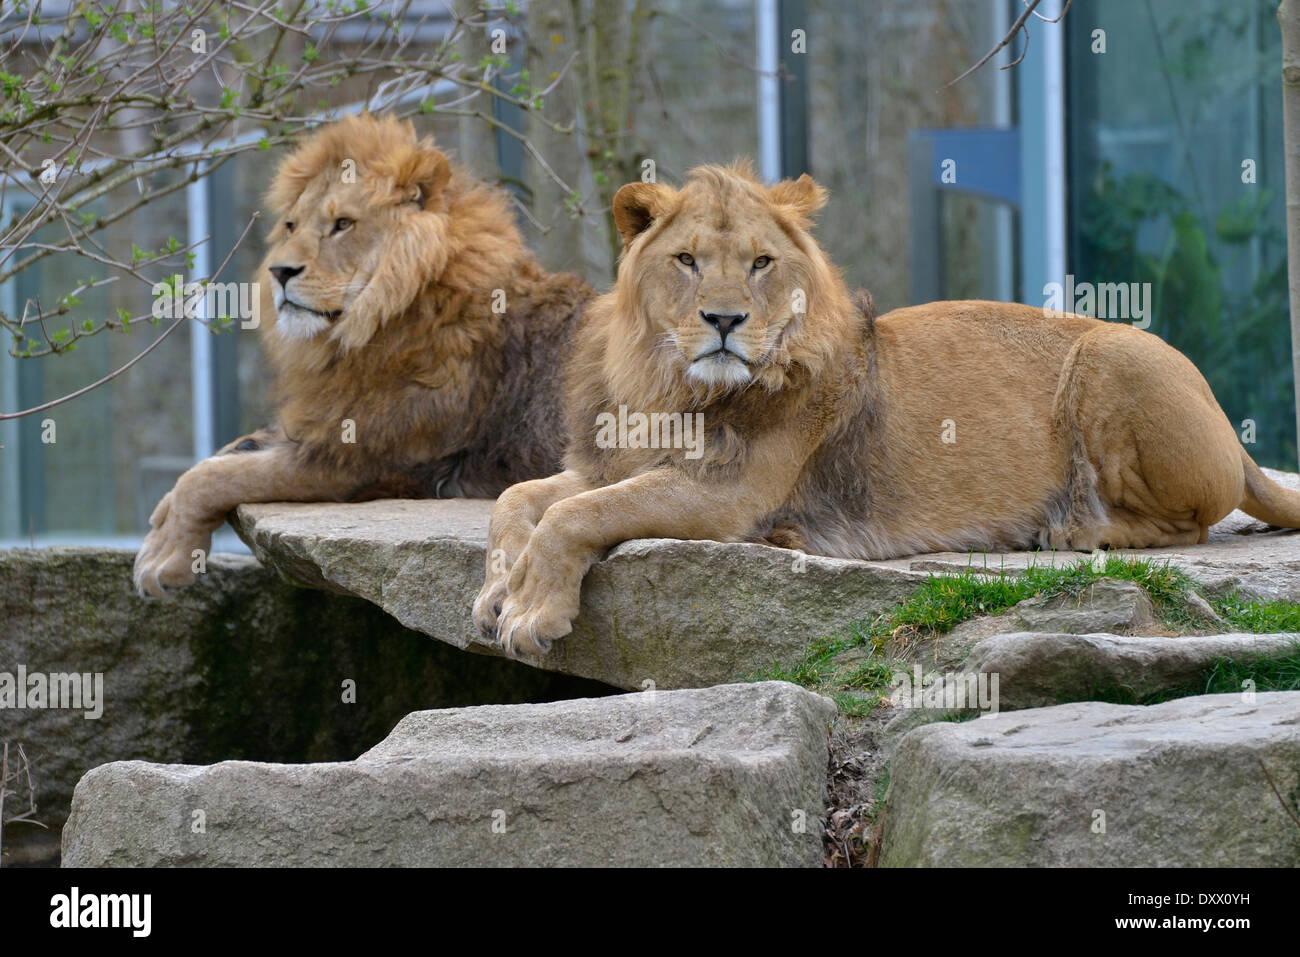 Two Lions (Panthera leo), males, captive, Hellabrunn Zoo, Munich, Bavaria, Germany - Stock Image